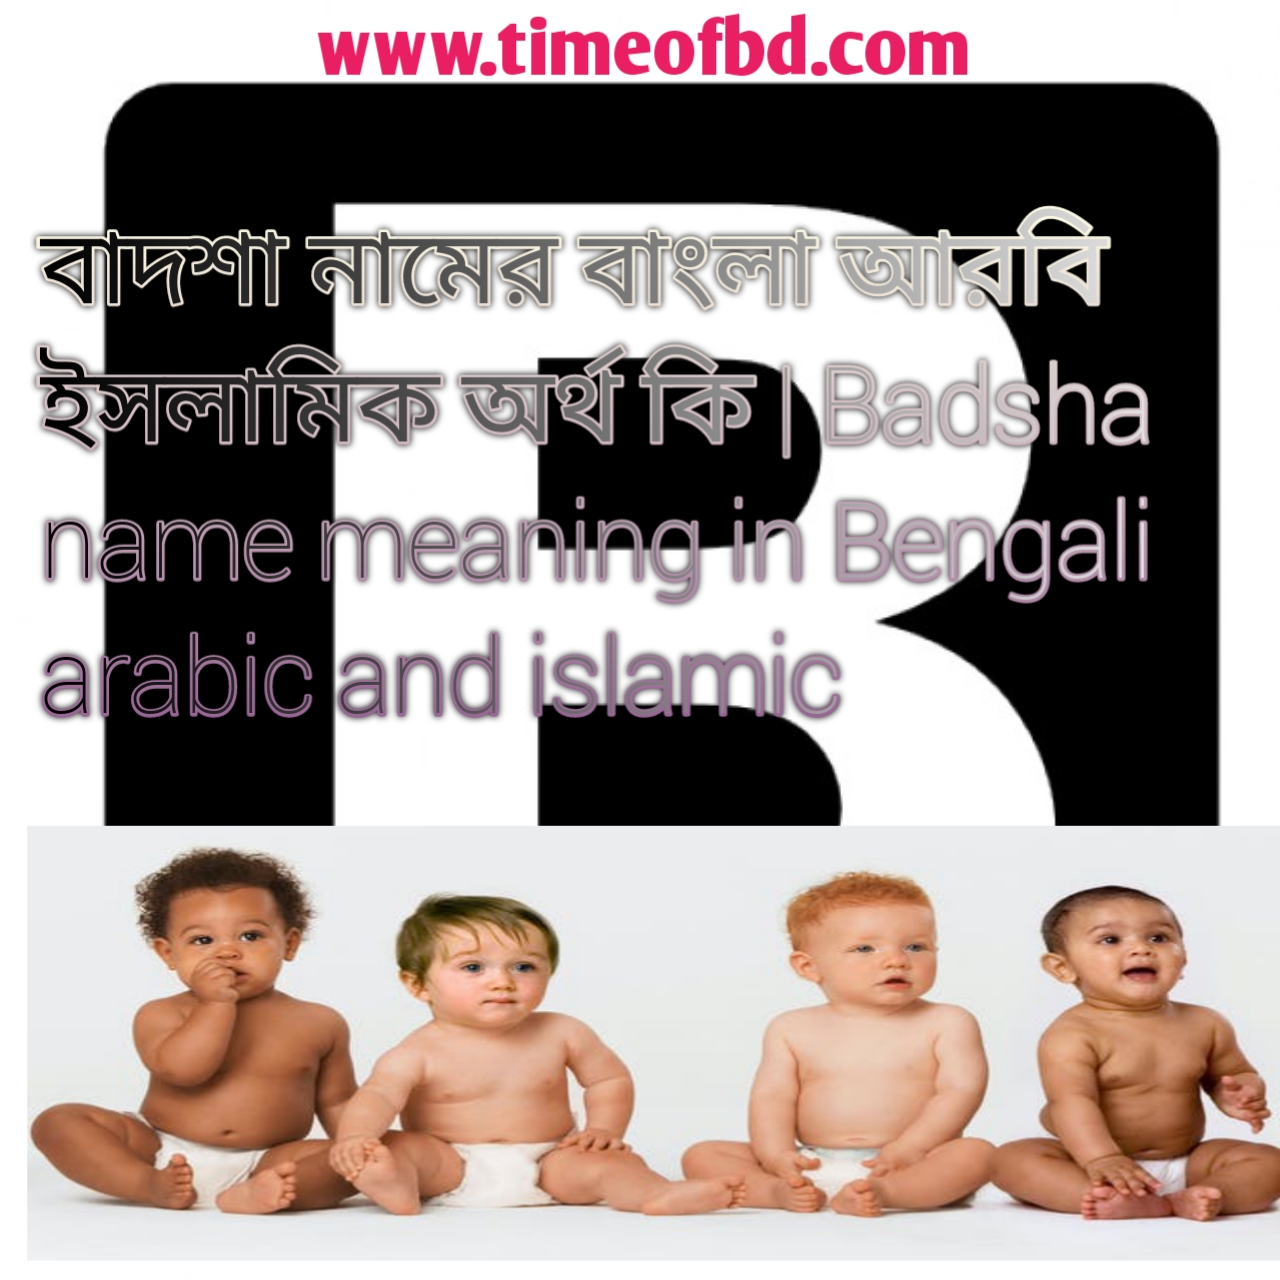 বাদশা নামের অর্থ কি, বাদশা নামের বাংলা অর্থ কি, বাদশা নামের ইসলামিক অর্থ কি, Badsha name meaning in Bengali, বাদশা কি ইসলামিক নাম,